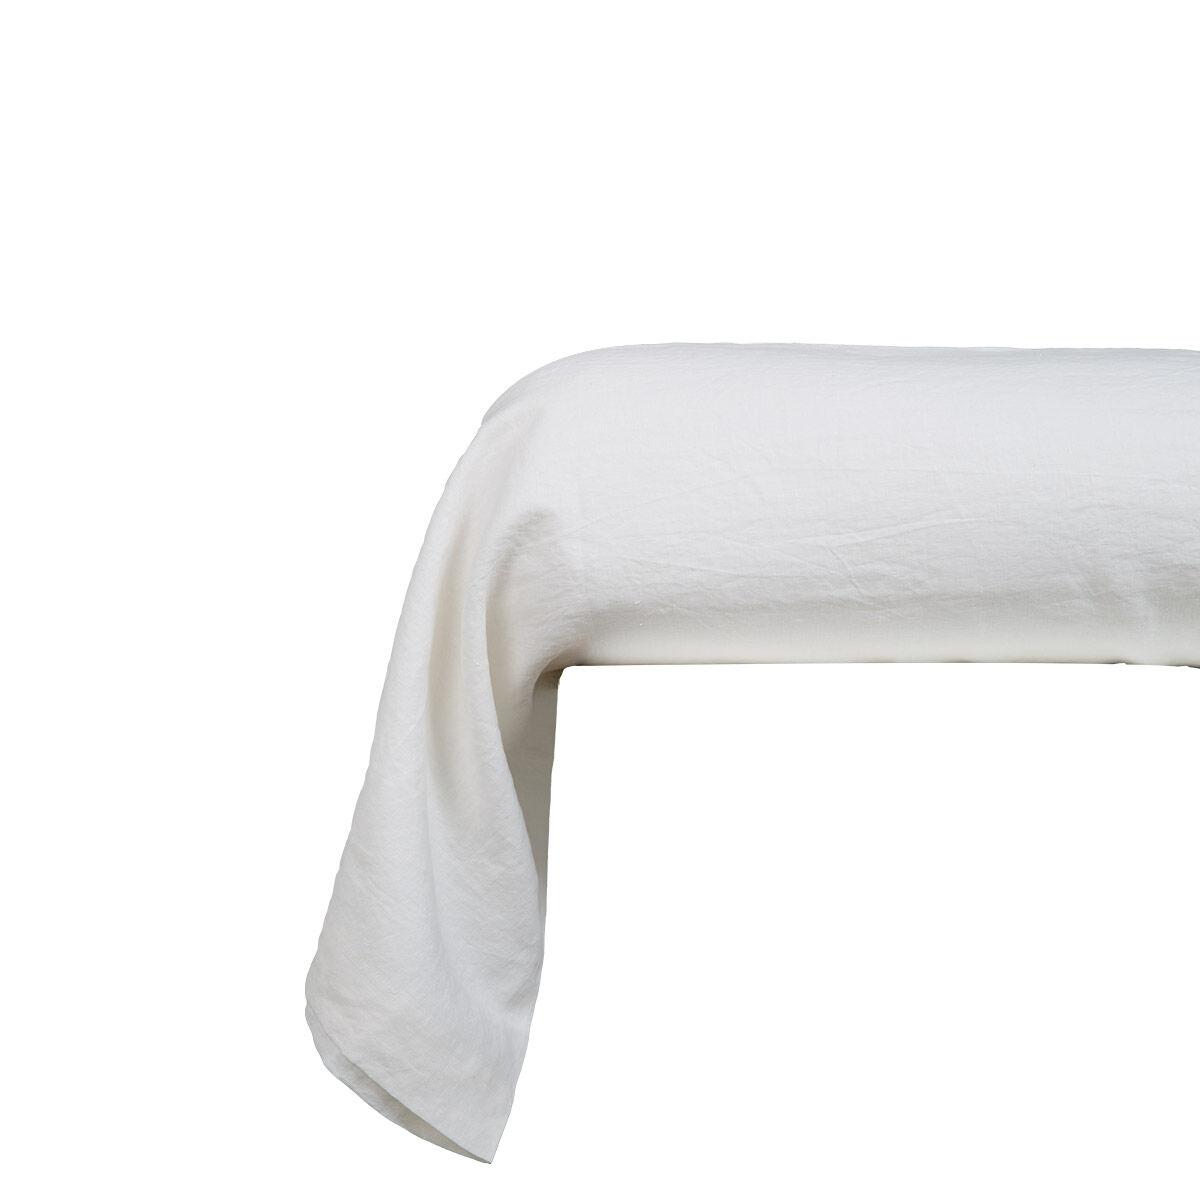 Olivier Desforges Taie d'oreiller Lin Blanc 85 x 210 cm